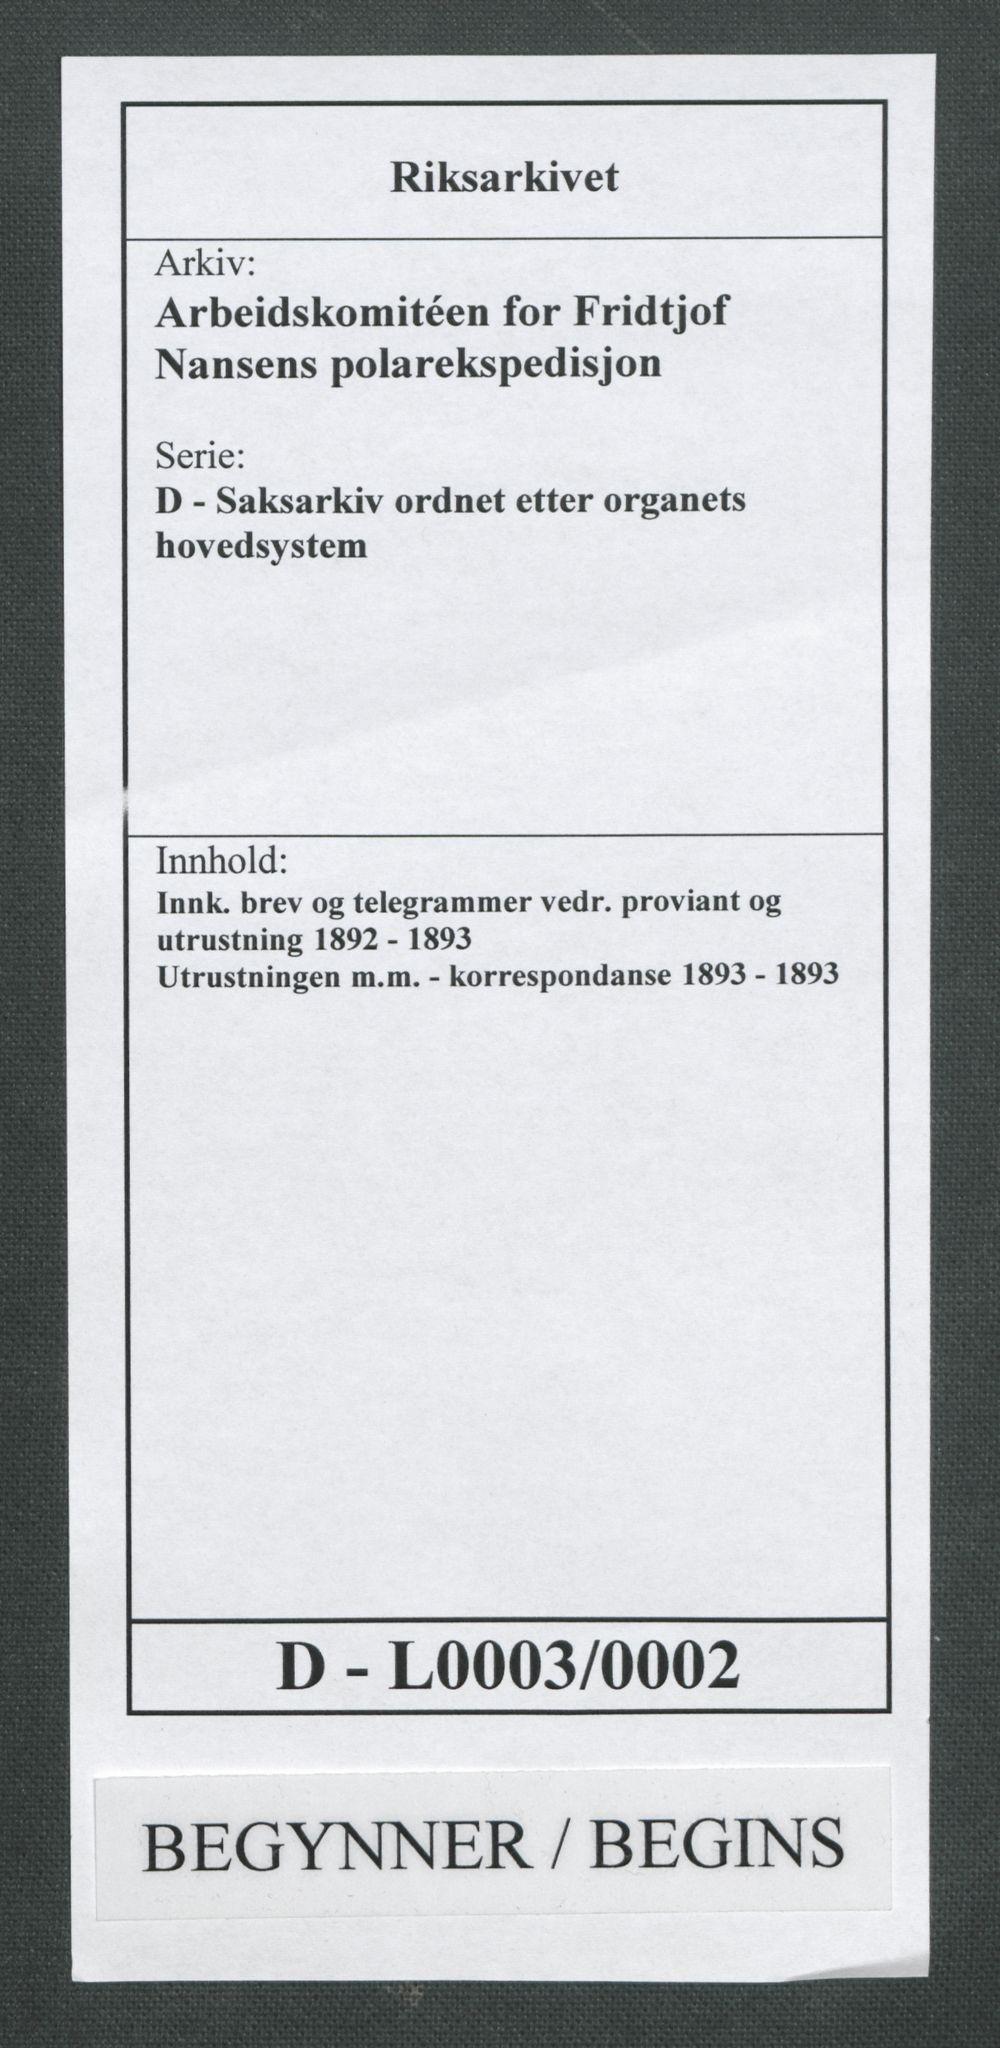 RA, Arbeidskomitéen for Fridtjof Nansens polarekspedisjon, D/L0003: Innk. brev og telegrammer vedr. proviant og utrustning, 1893, s. 1